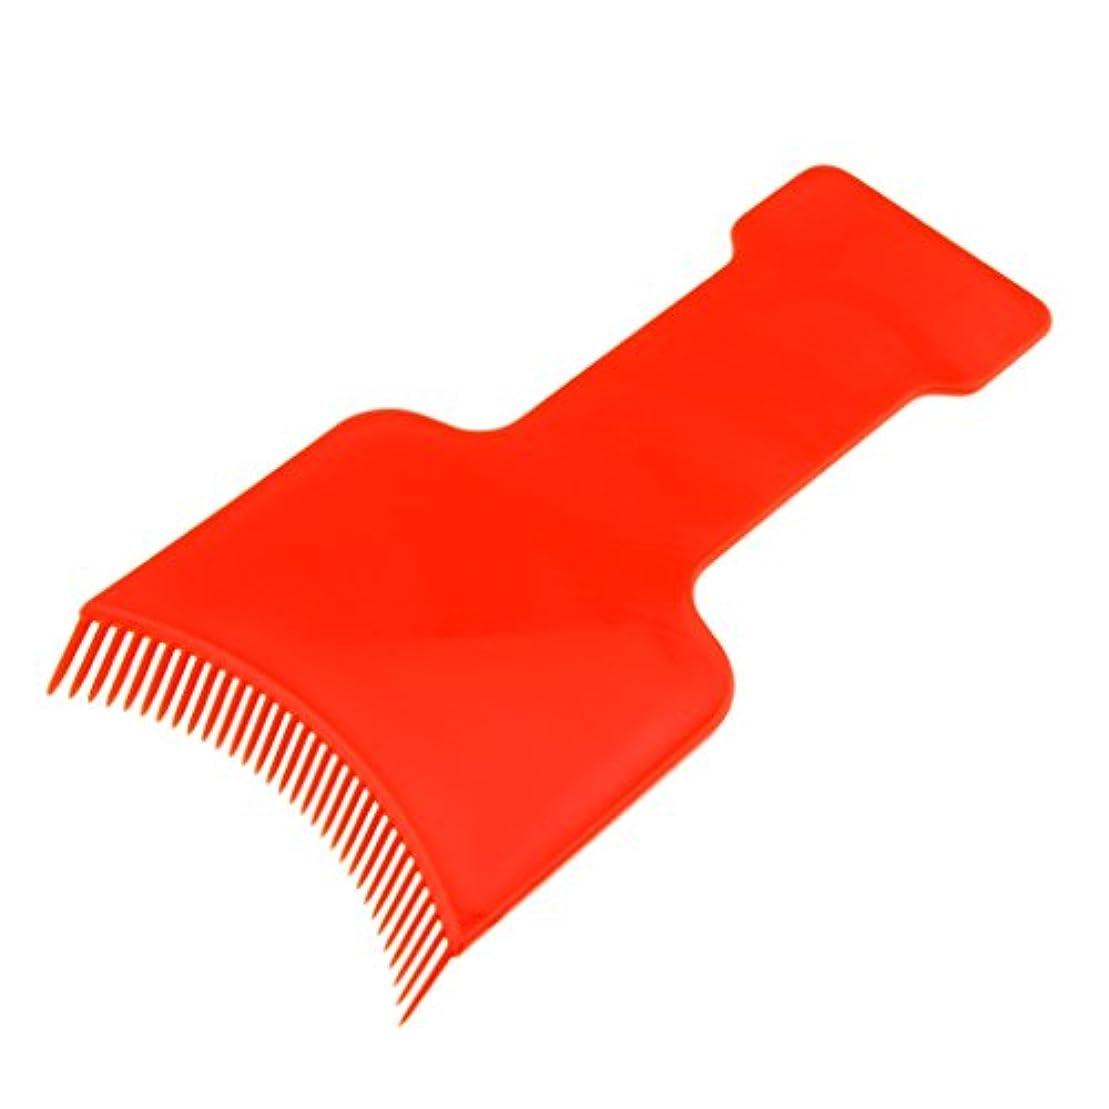 南西美徳とげヘアカラーボード ヘアダイコーム ヘアダイブラシ 染色櫛 プレート ヘアサロン 用品